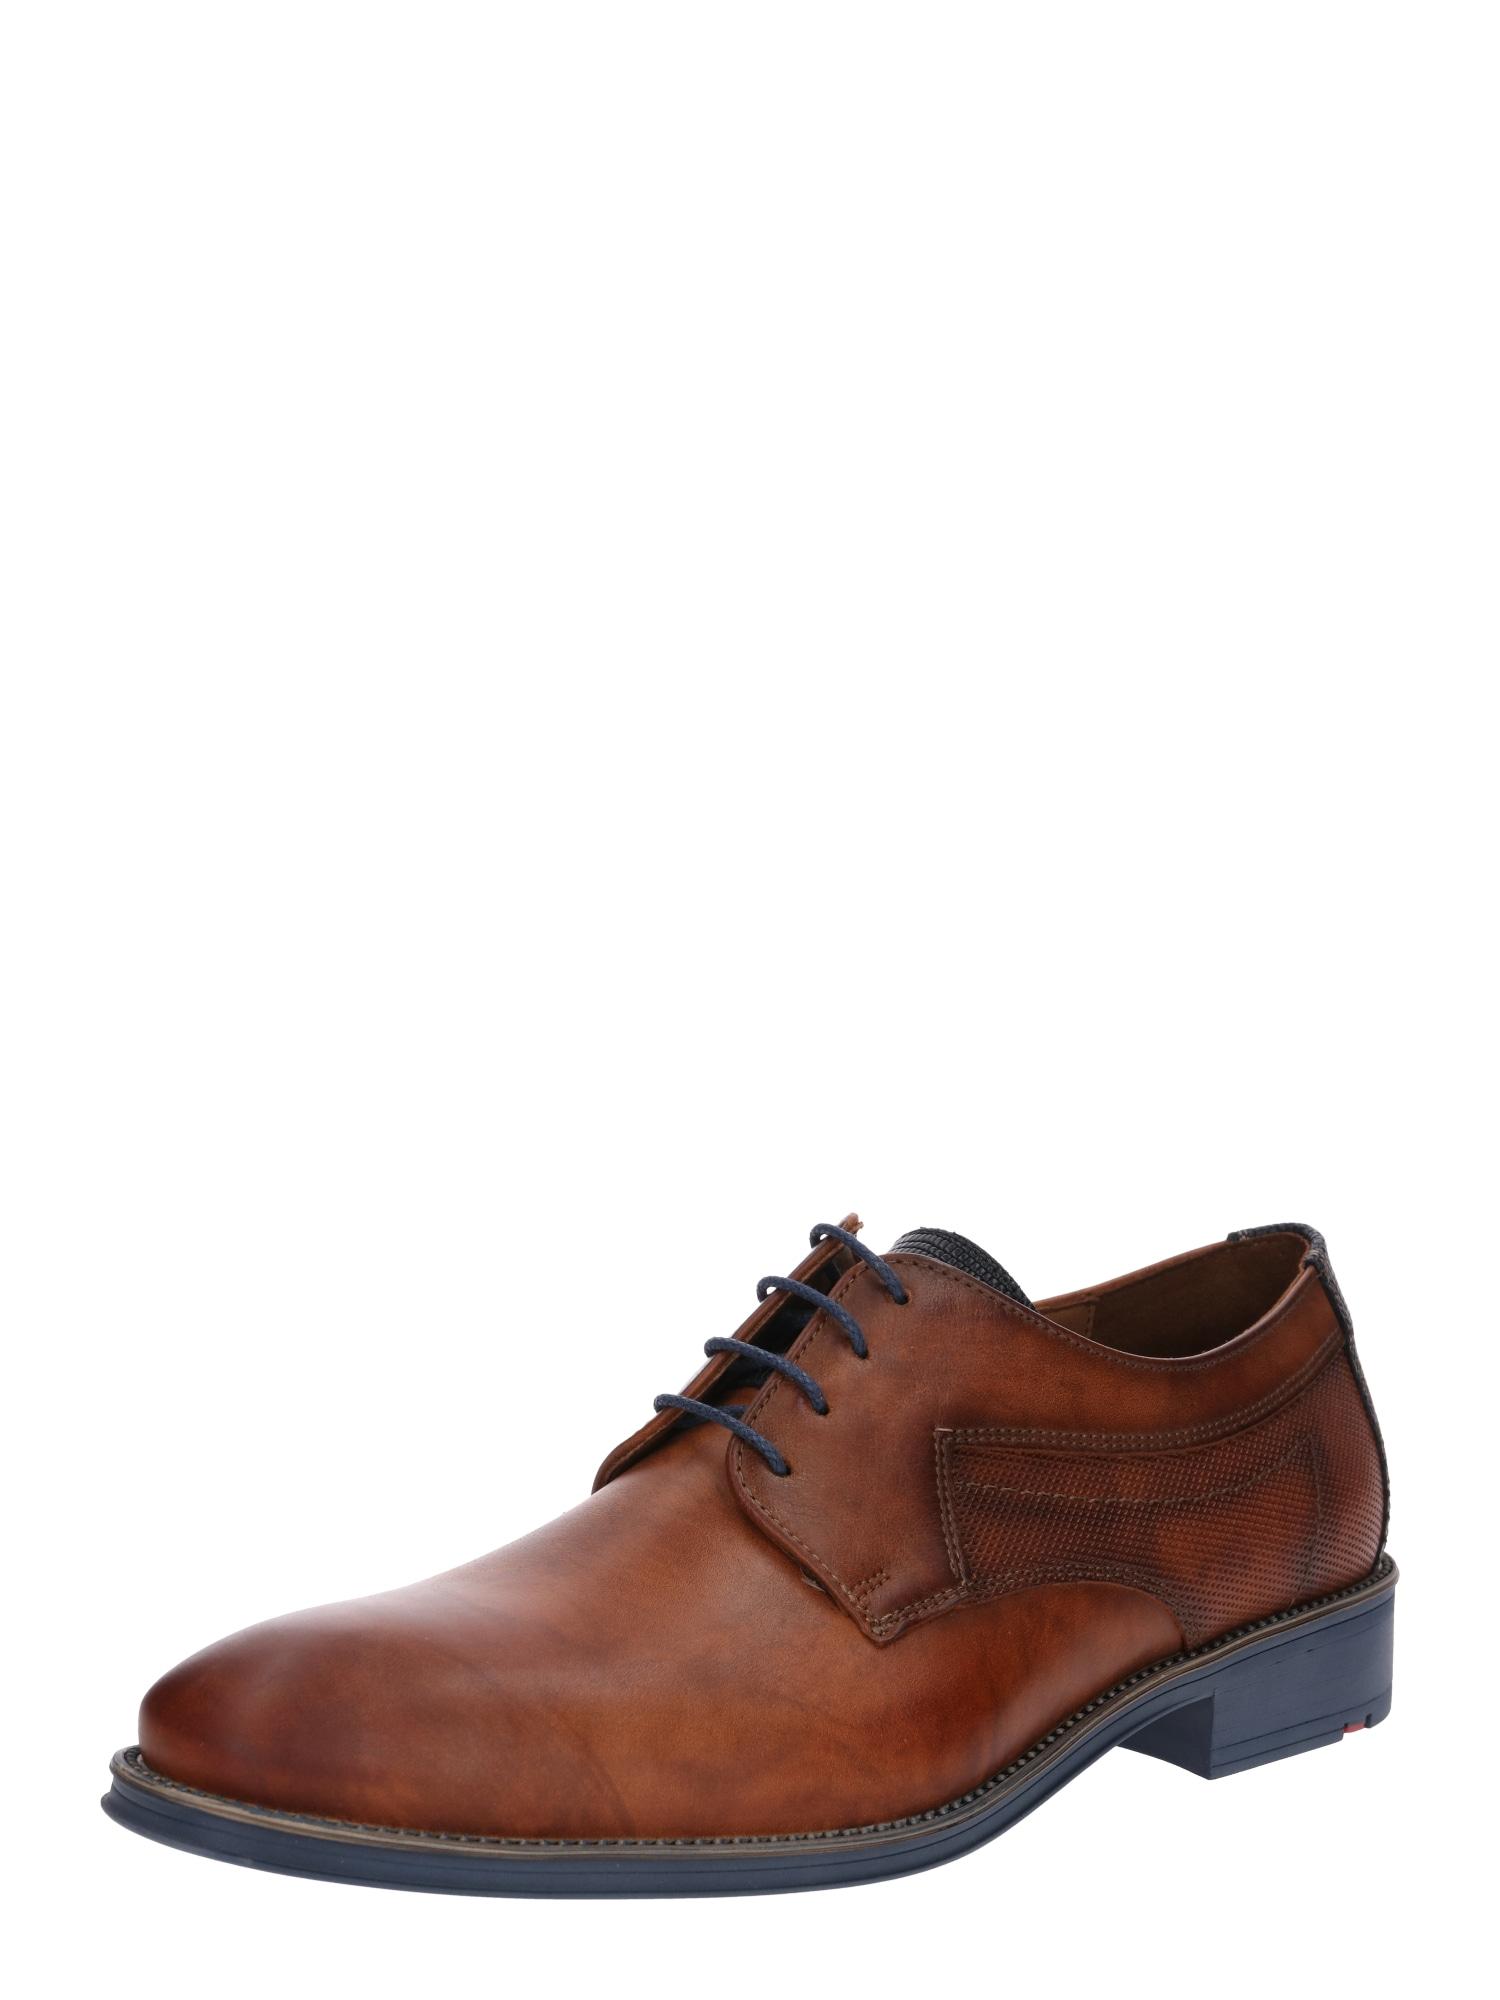 Šněrovací boty Genf modrá hnědá LLOYD